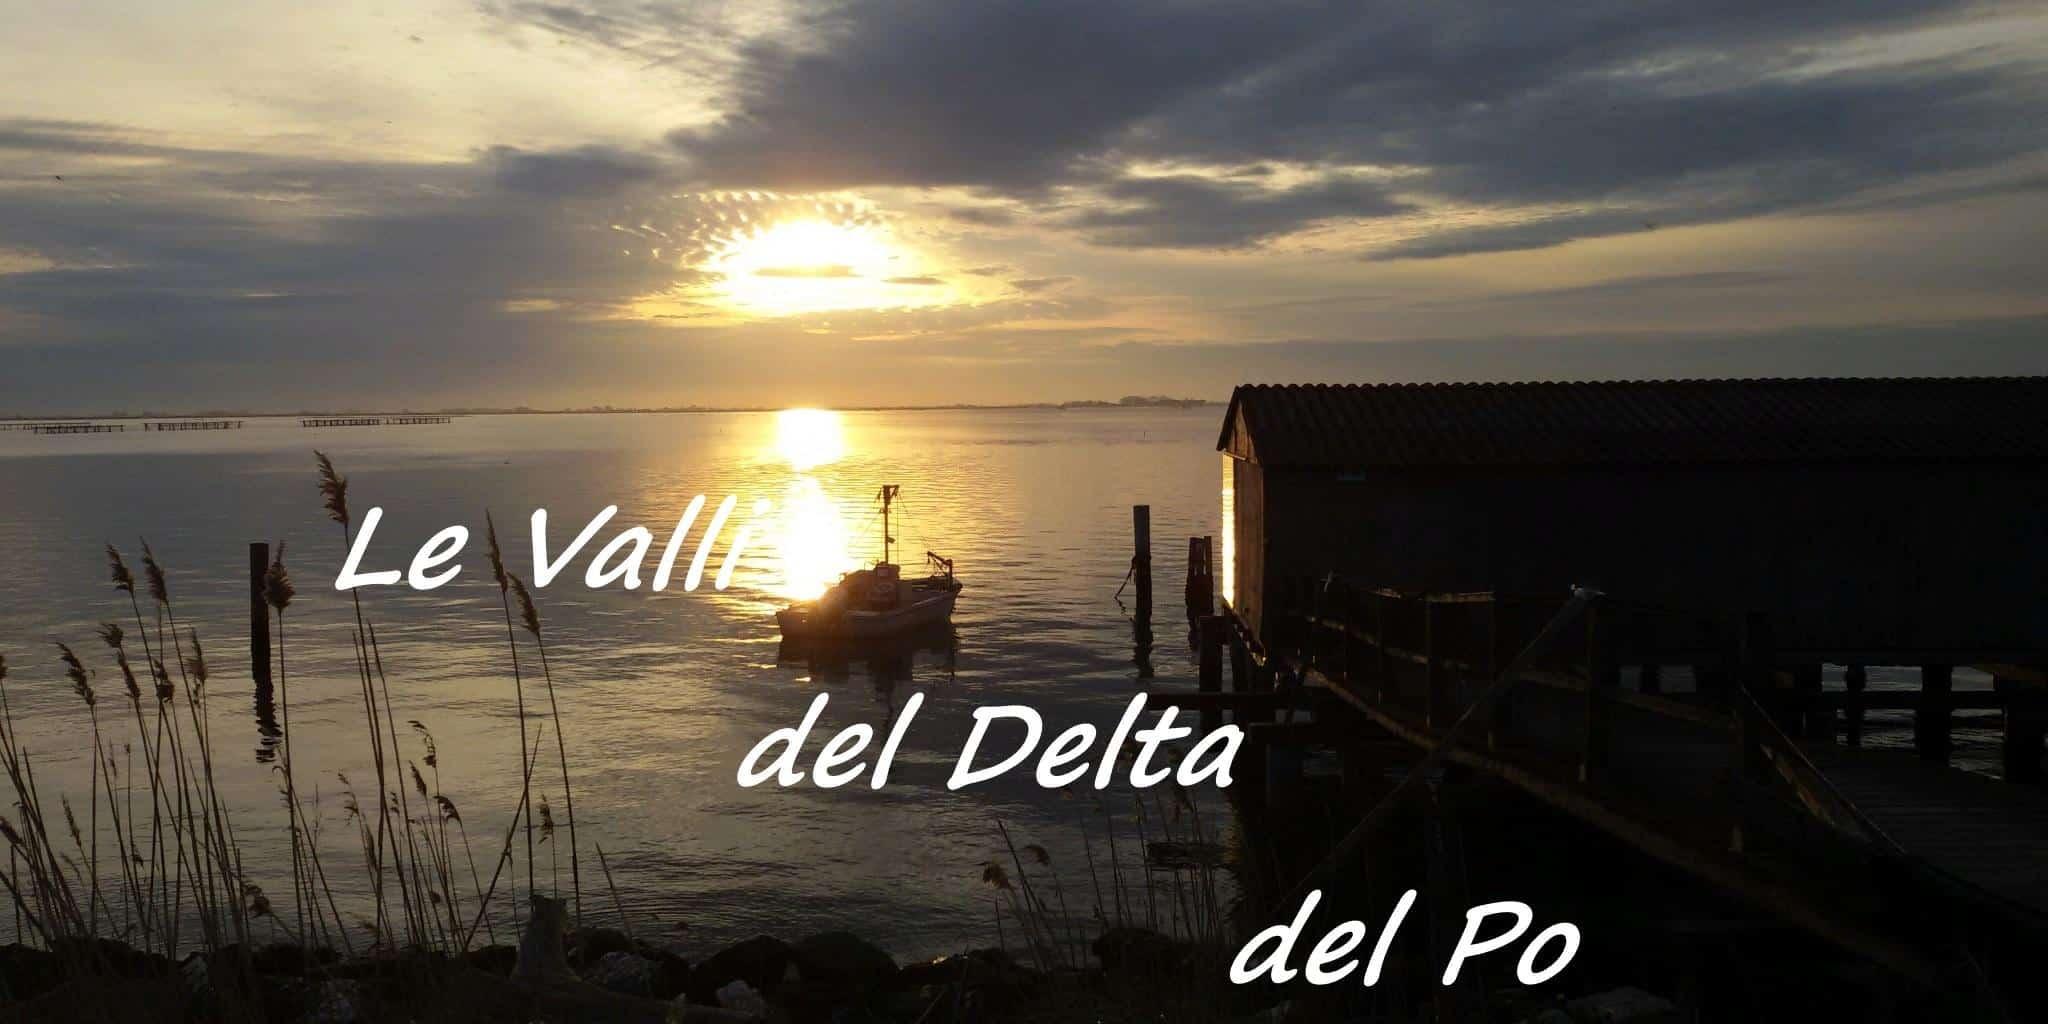 Valli del Delta del Po v1.0